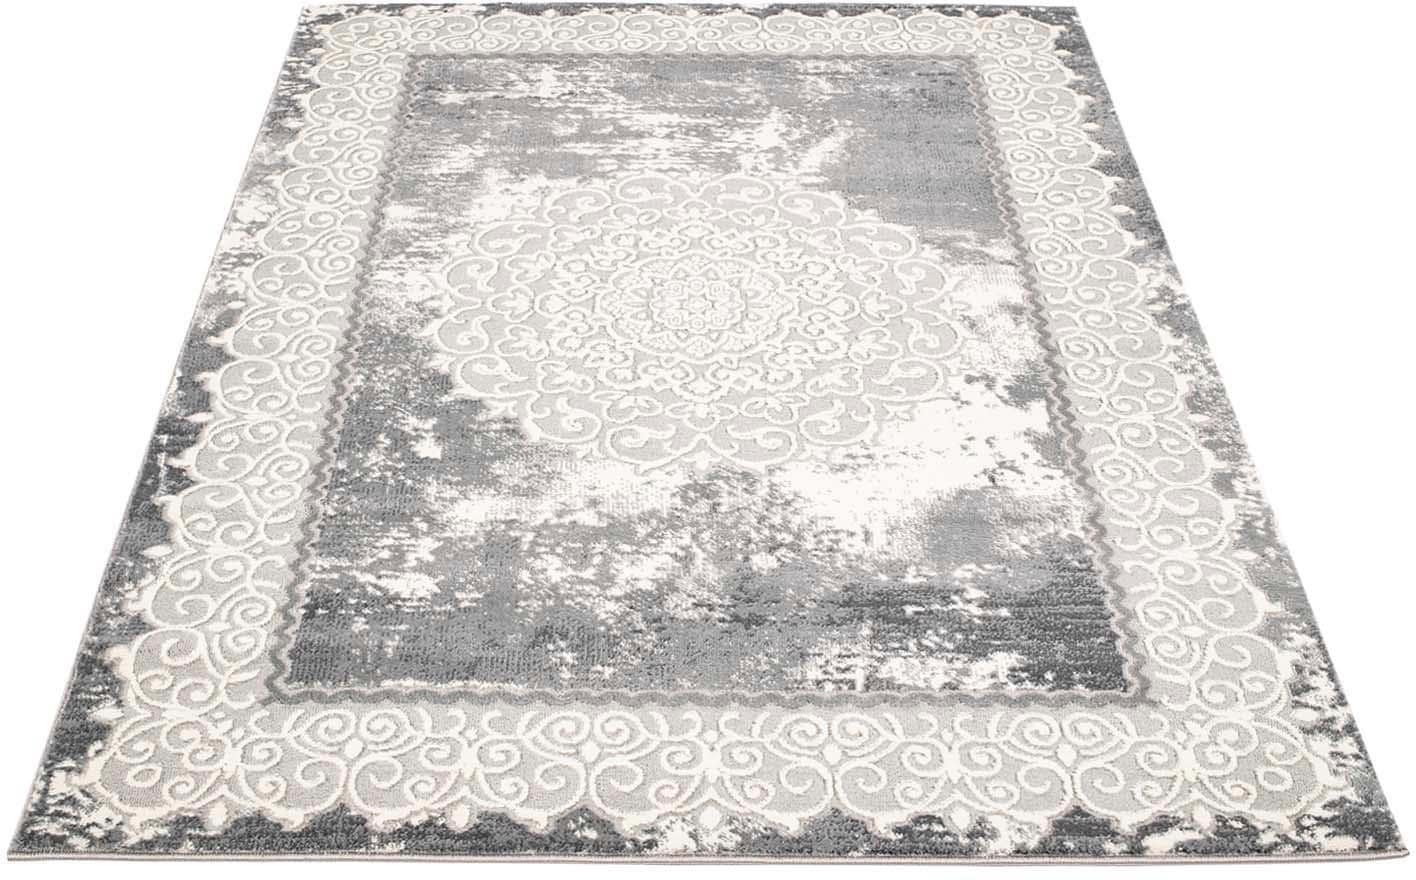 Teppich Platin 8058 Carpet City rechteckig Höhe 11 mm maschinell gewebt